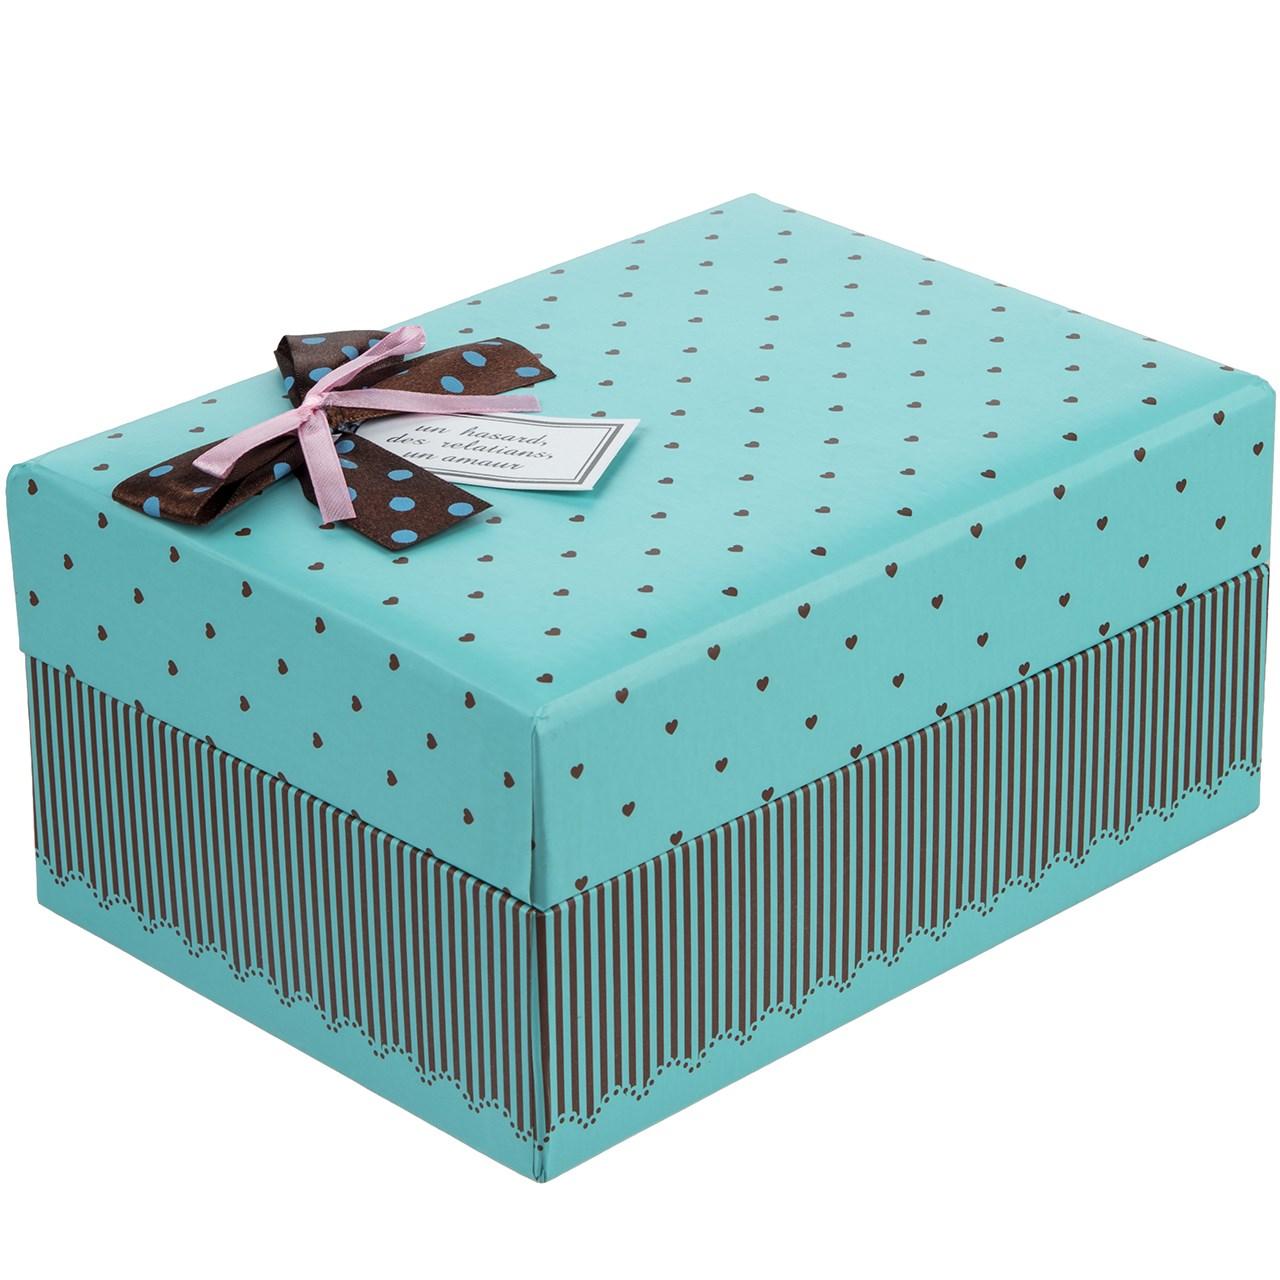 جعبه کادویی طرح قلب های کوچک 2